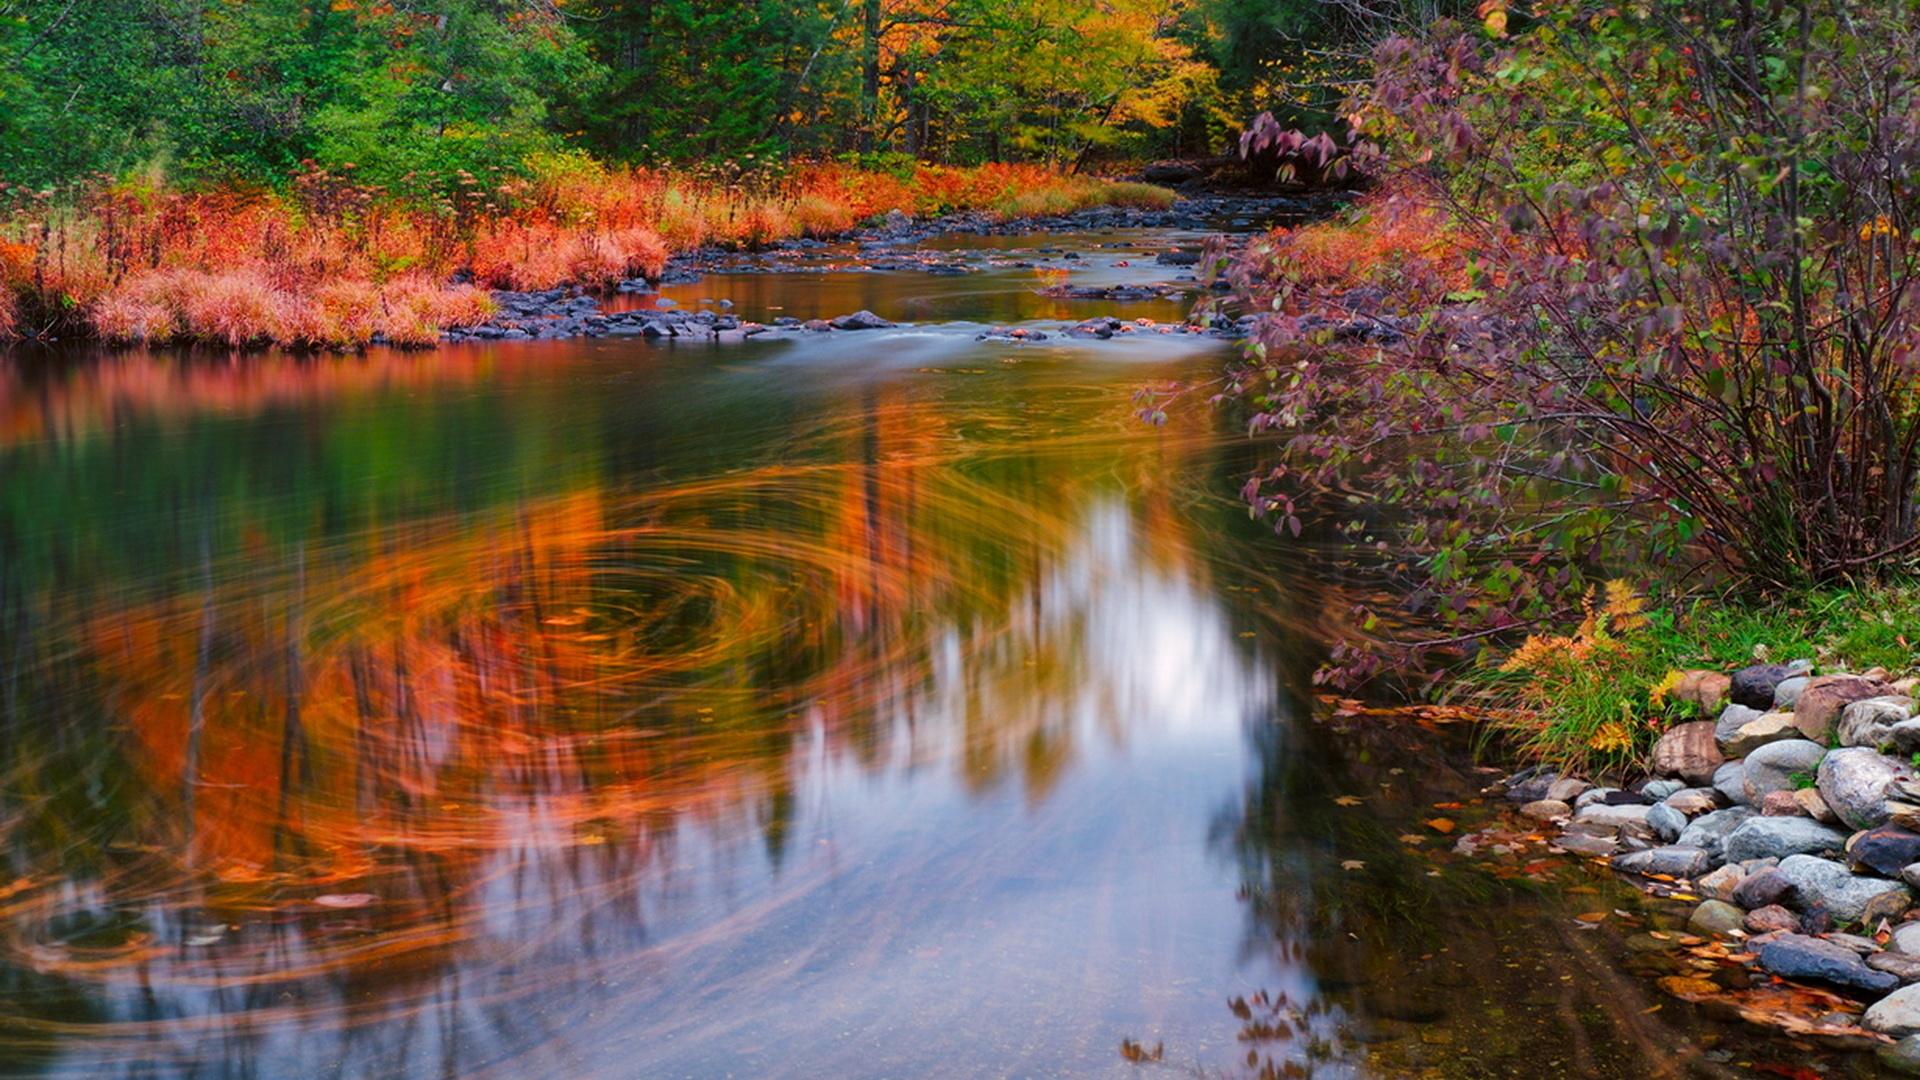 осень, ручей, камни, водоворот, деревья, лес, красота, природа